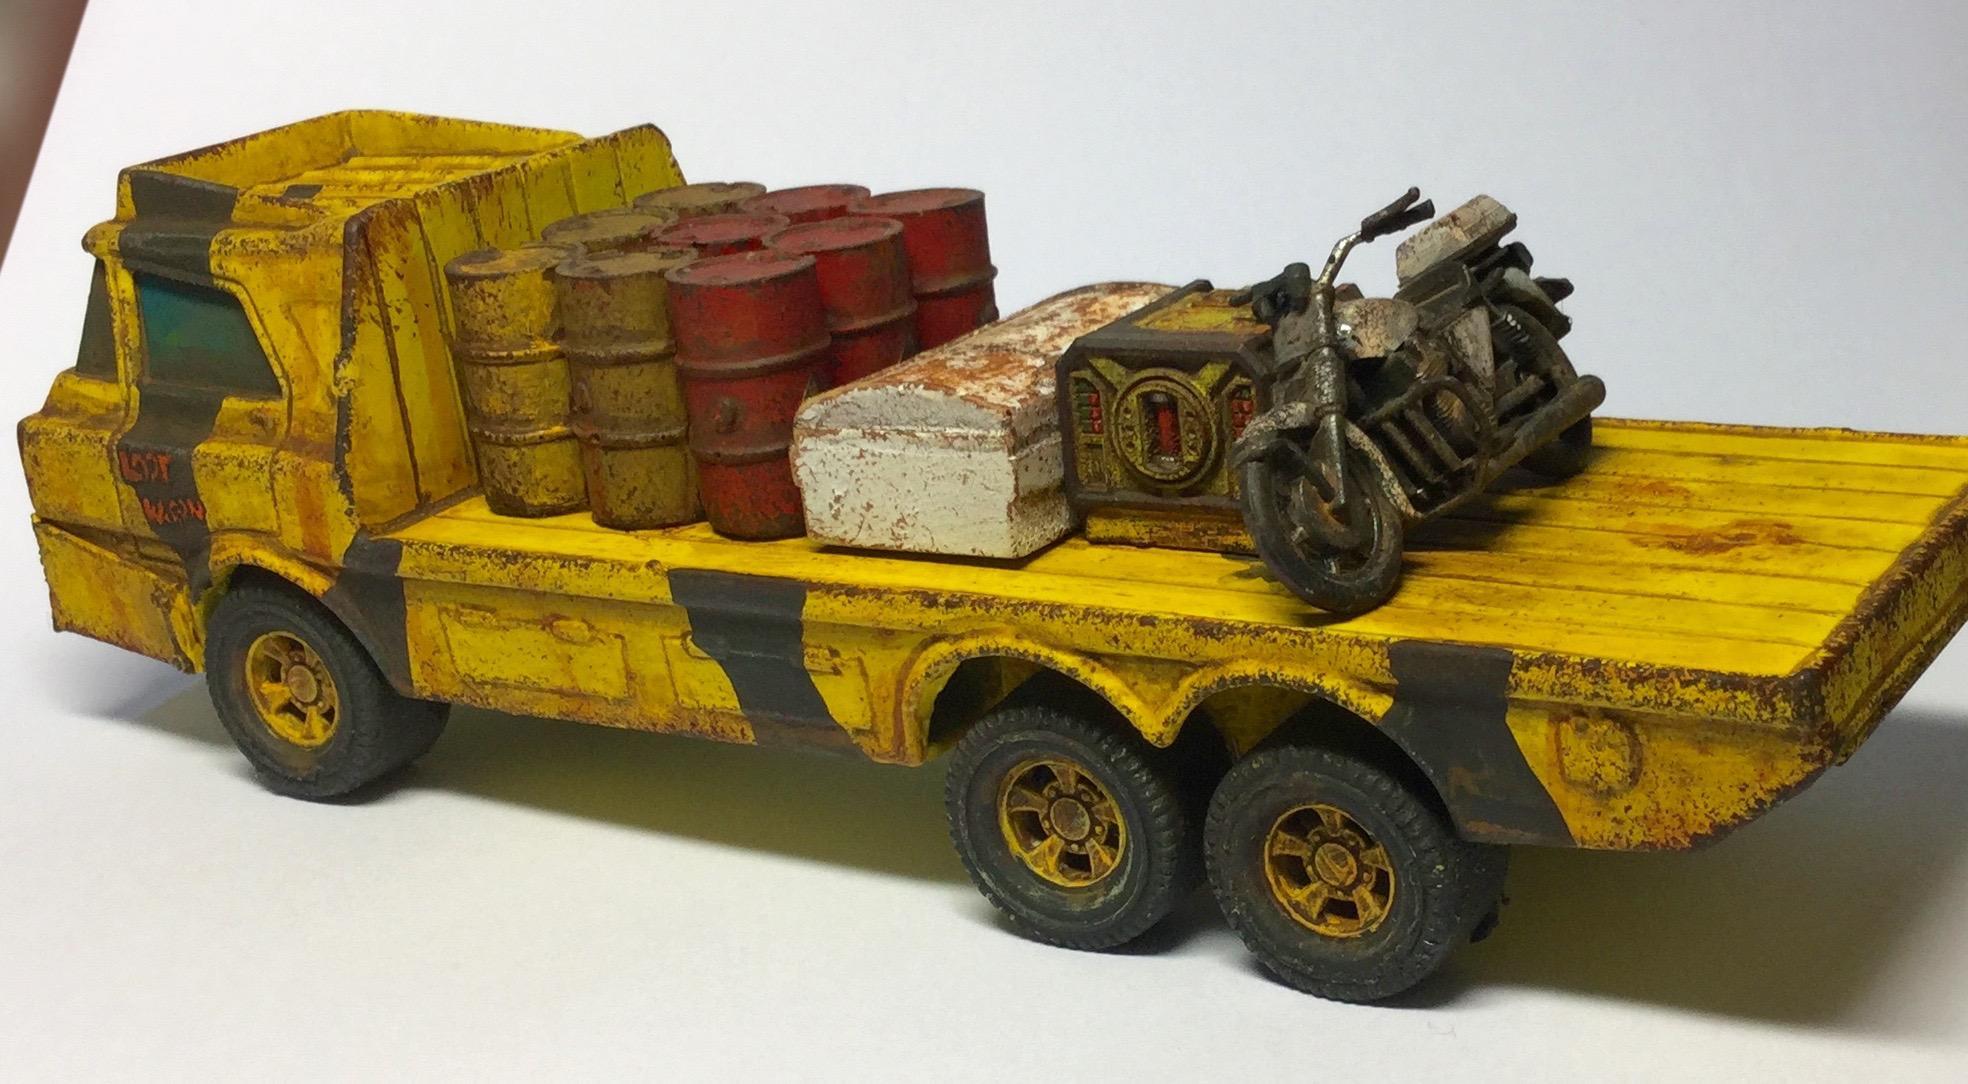 Ash Wastes, Civilian, Fallout, Post Apocalypse, Raiders, Truck